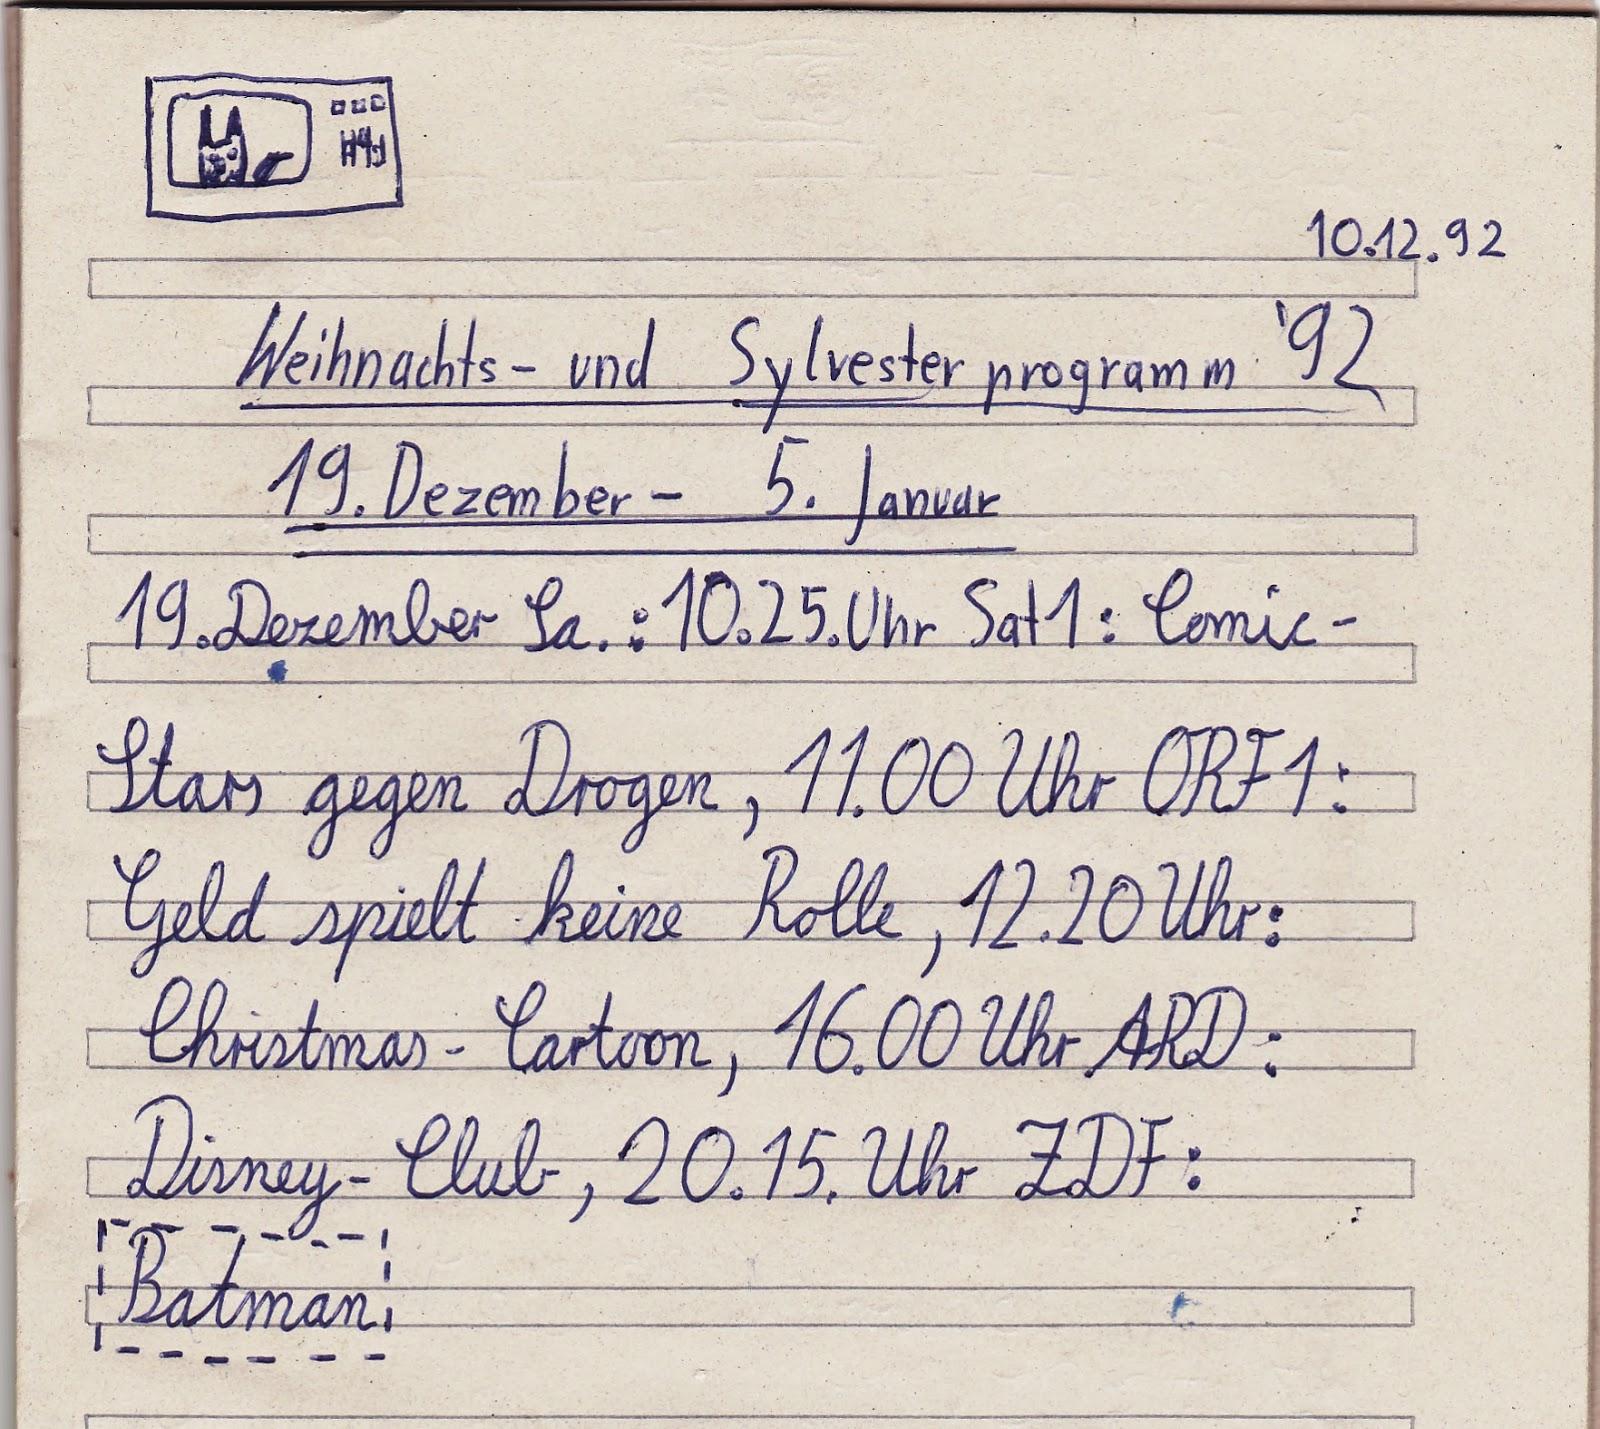 adlerkuss: Dezember 2013